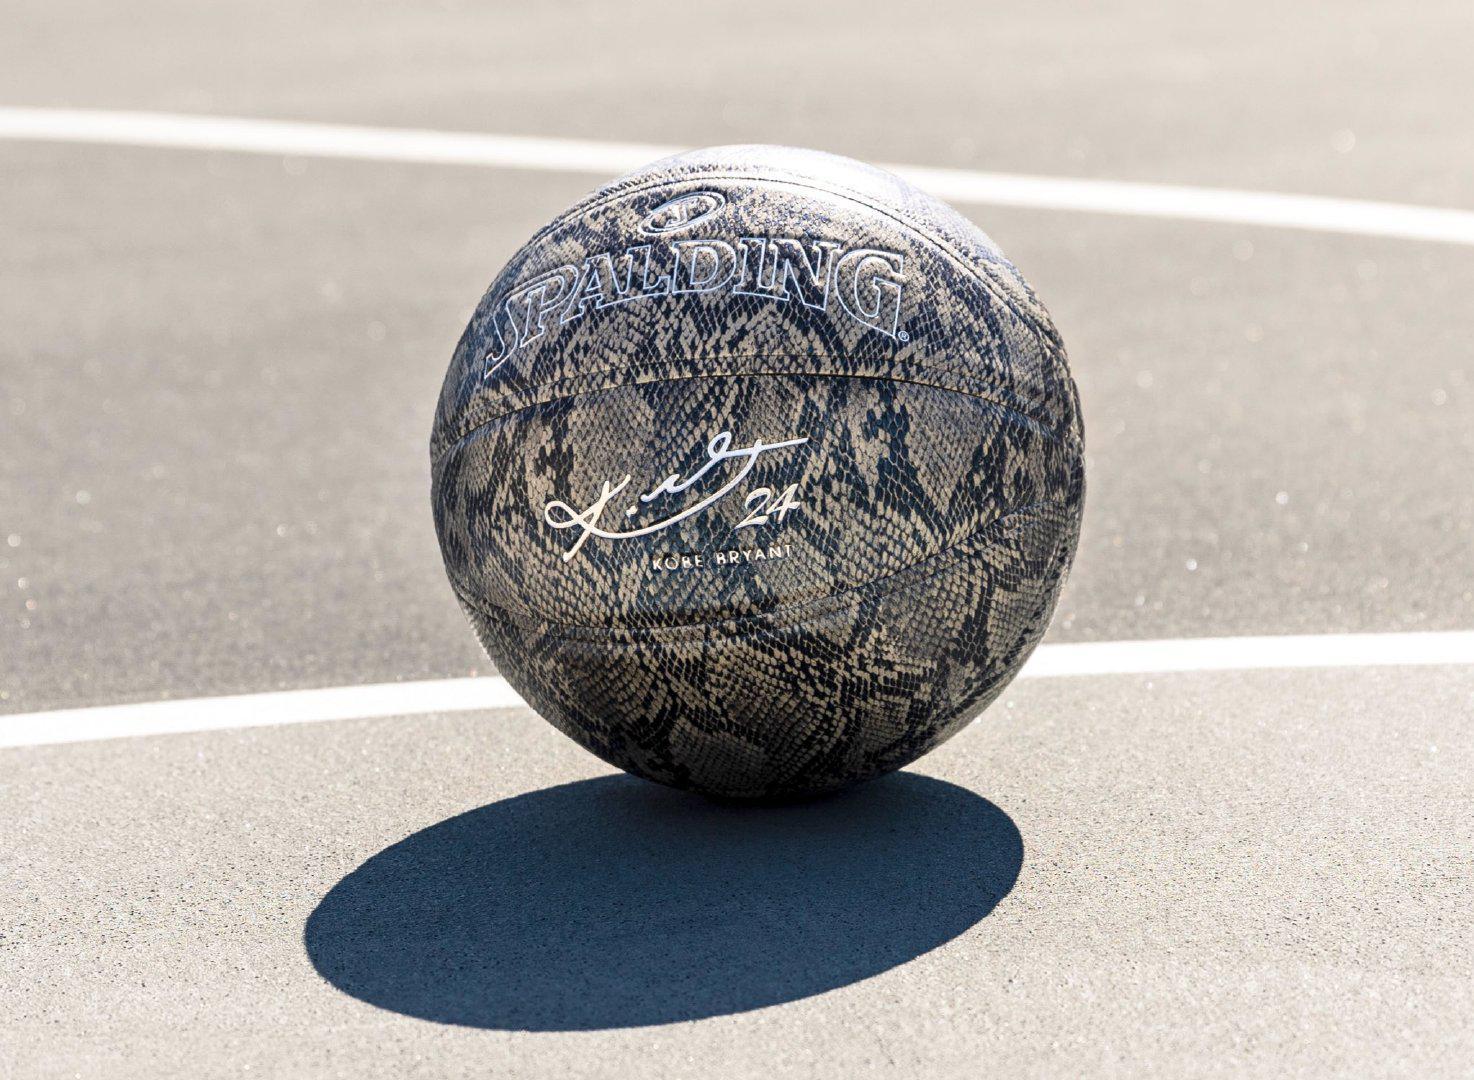 斯伯丁推科比限量版篮球! 蛇皮元素+24号印记